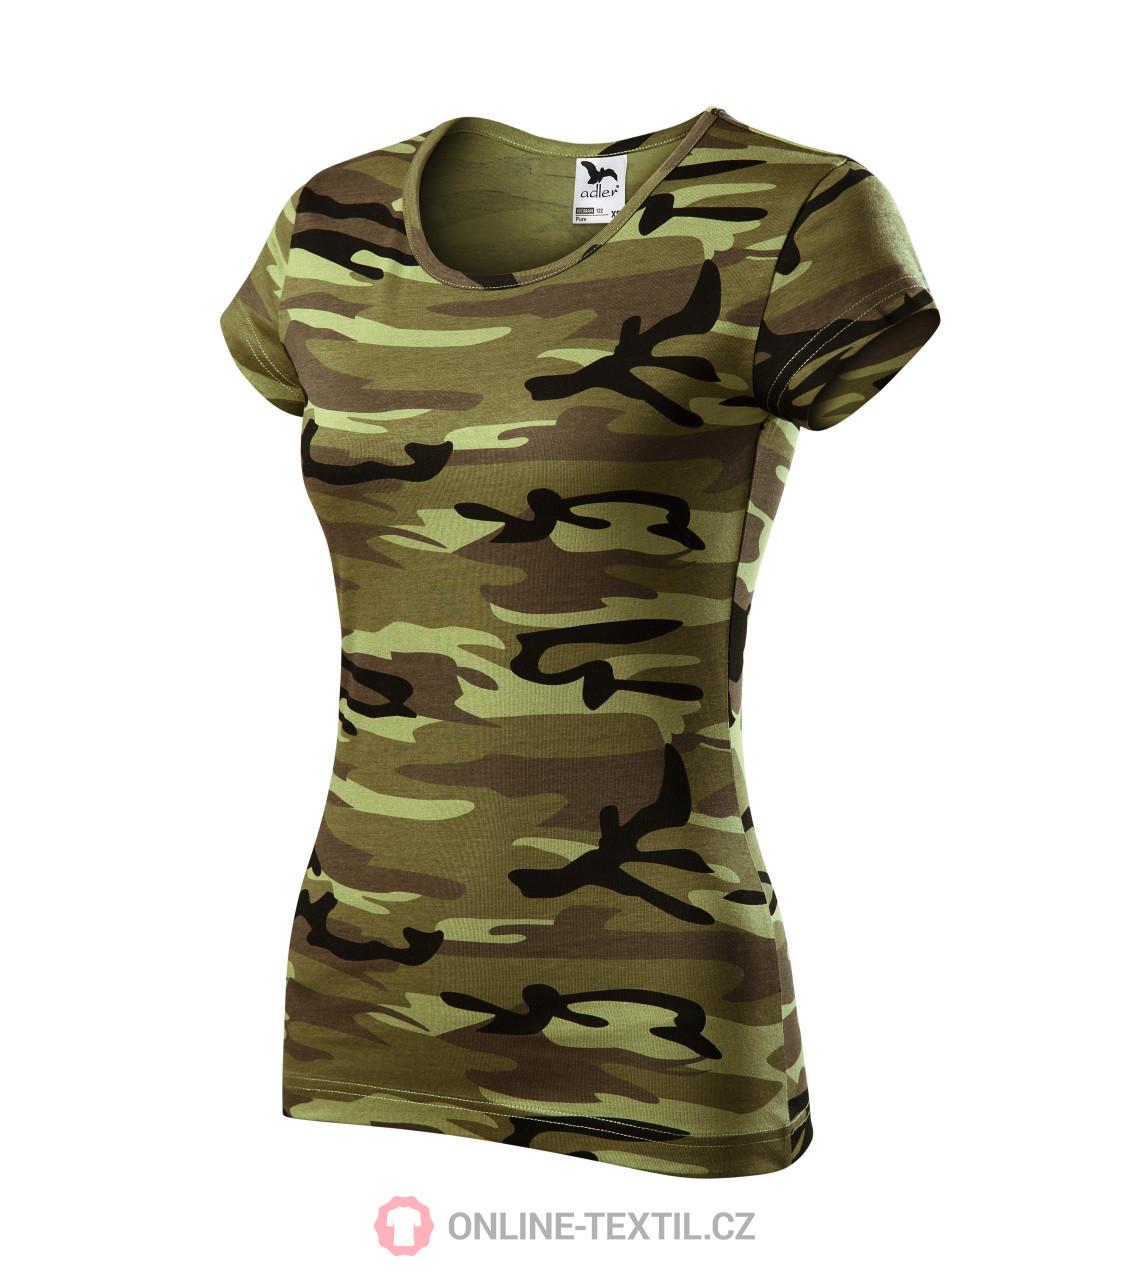 87cb173aa12 ADLER CZECH Pure tričko dámské A22 - camouflage green z kolekce ...